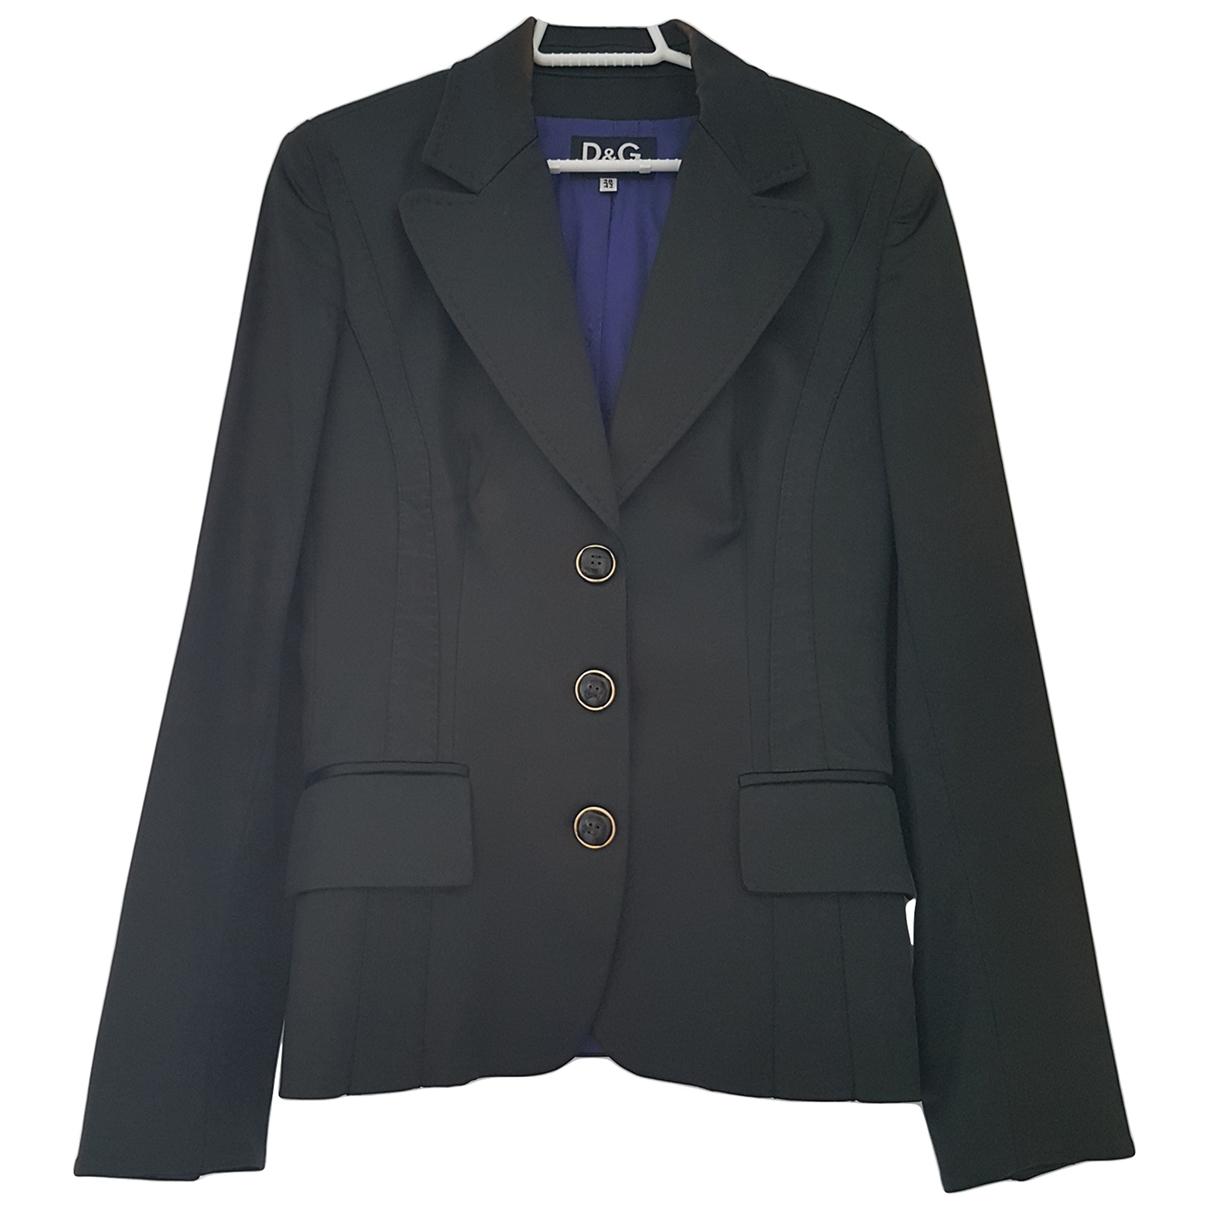 D&g - Veste   pour femme en coton - noir